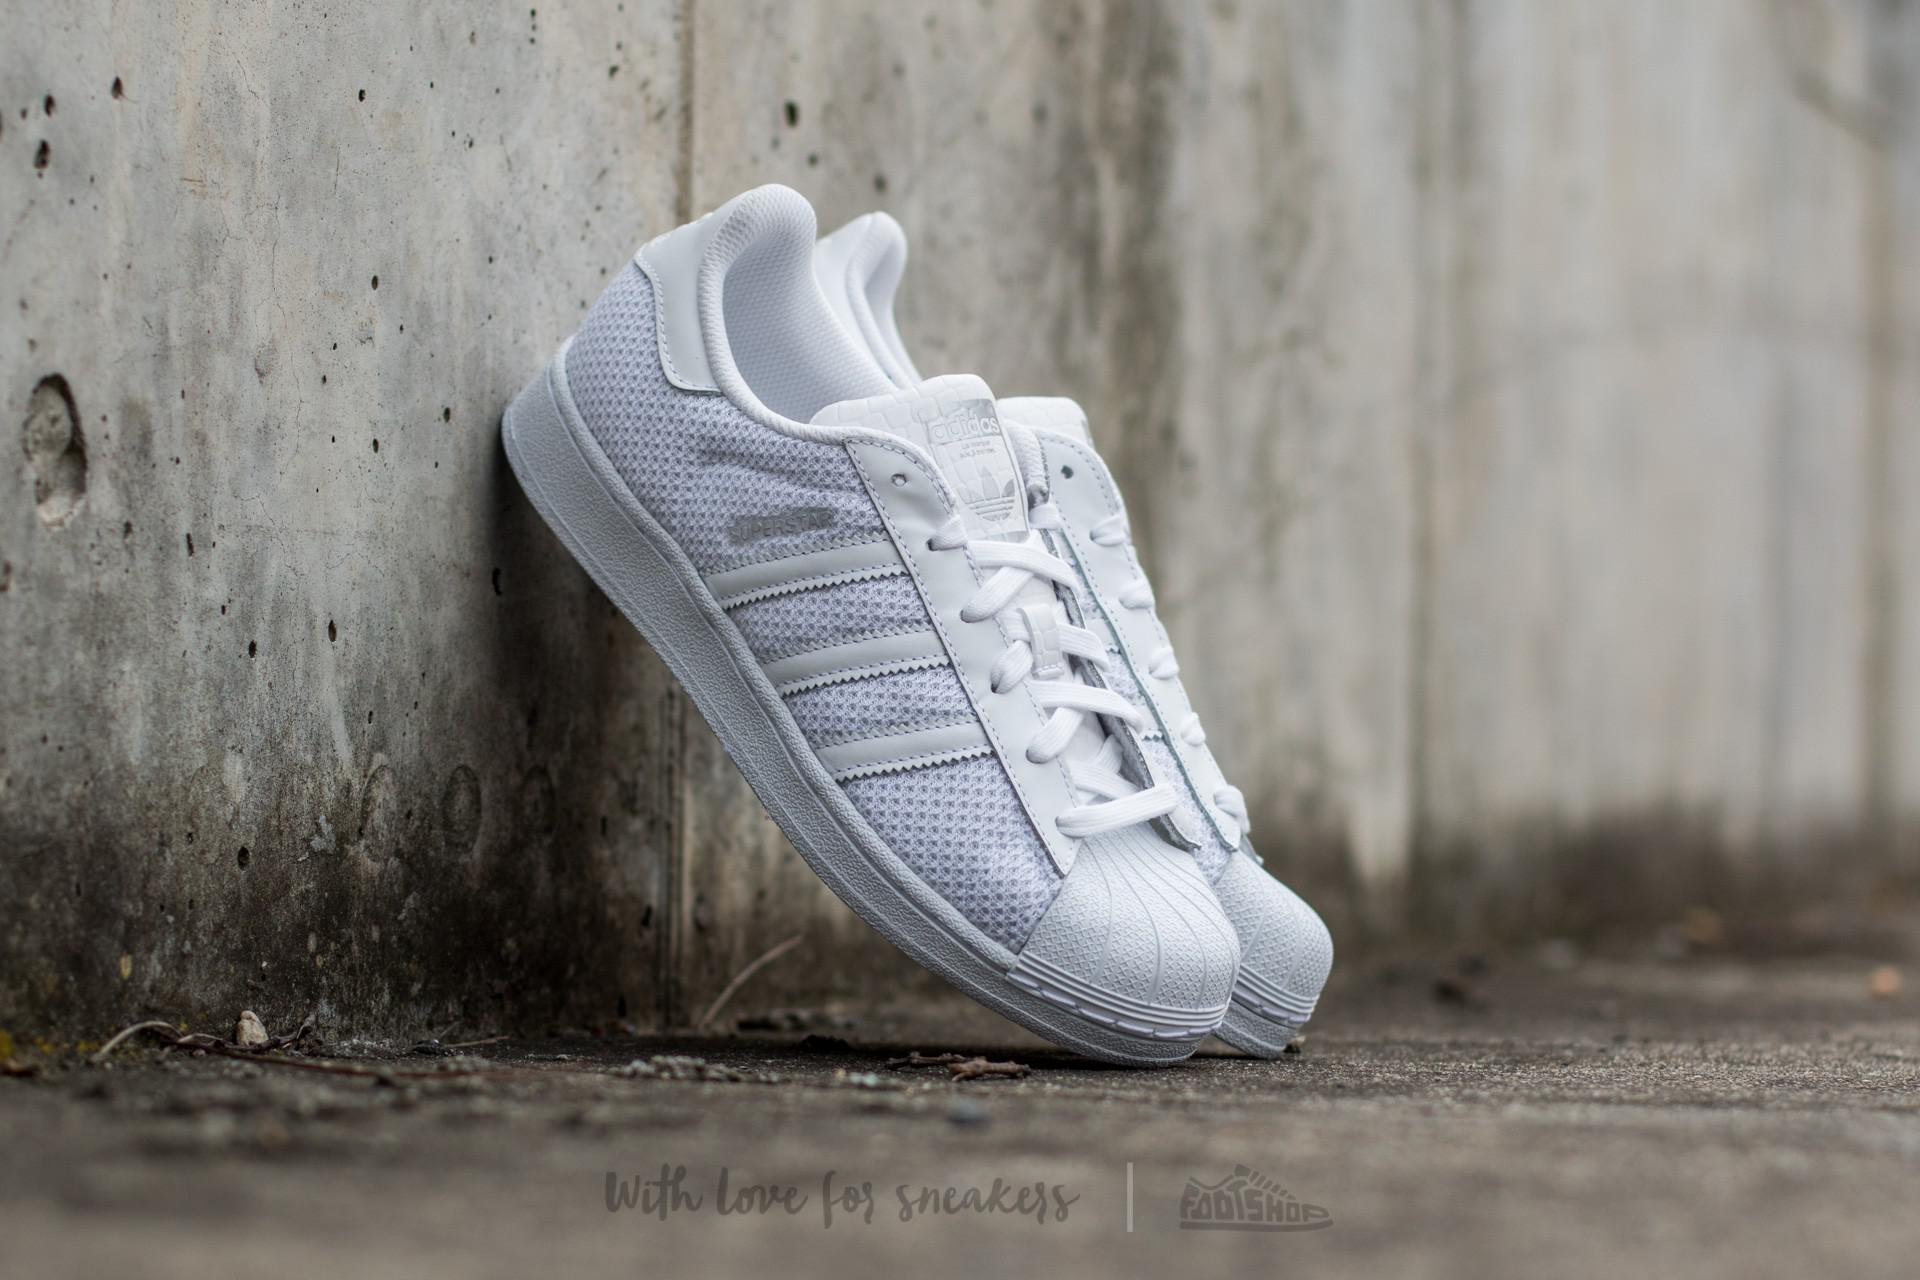 Adidas Originals Ftwr Lyst Superstar White n8wO0PkX